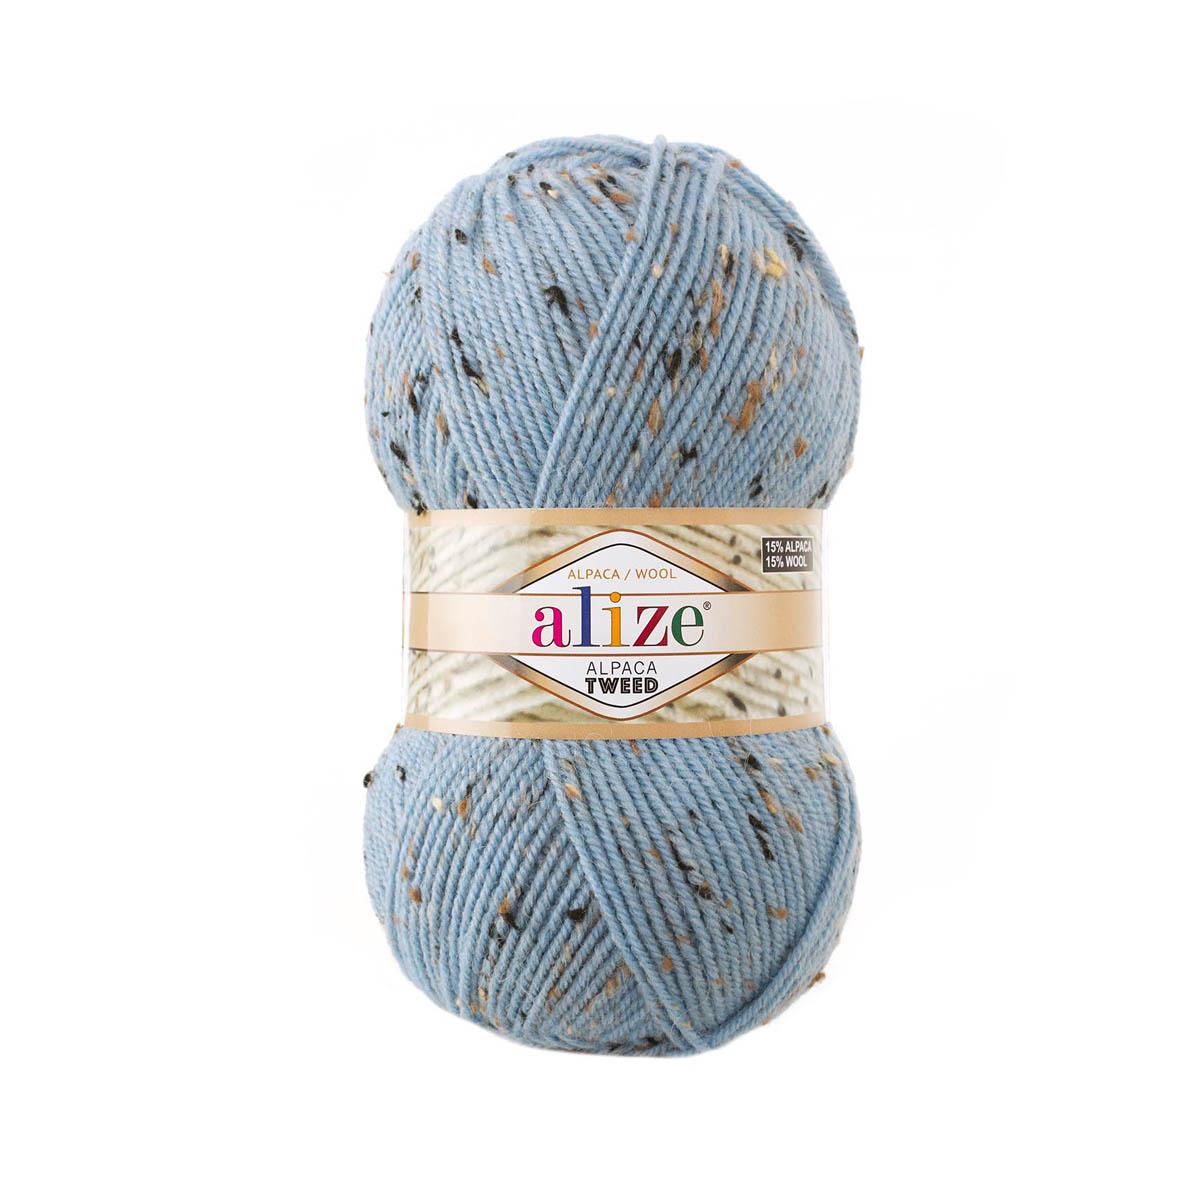 Пряжа Alize 'Alpaca Tweed' 100гр. 250м. (15% шерсть, 15% альпака, 5% вискоза, 65% акрил)